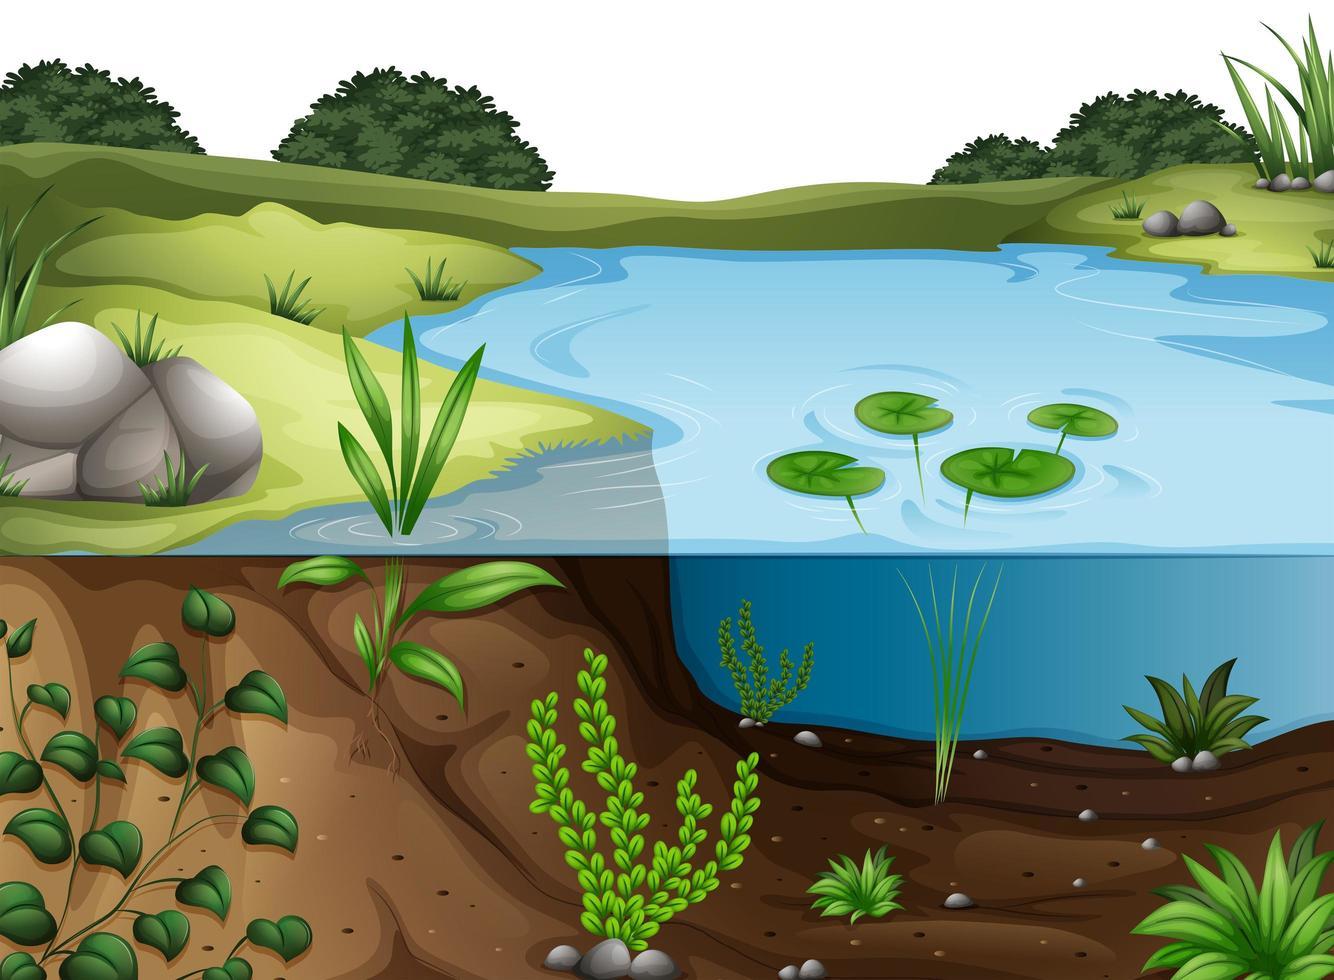 natuurlijke omgeving landschapsscène vector